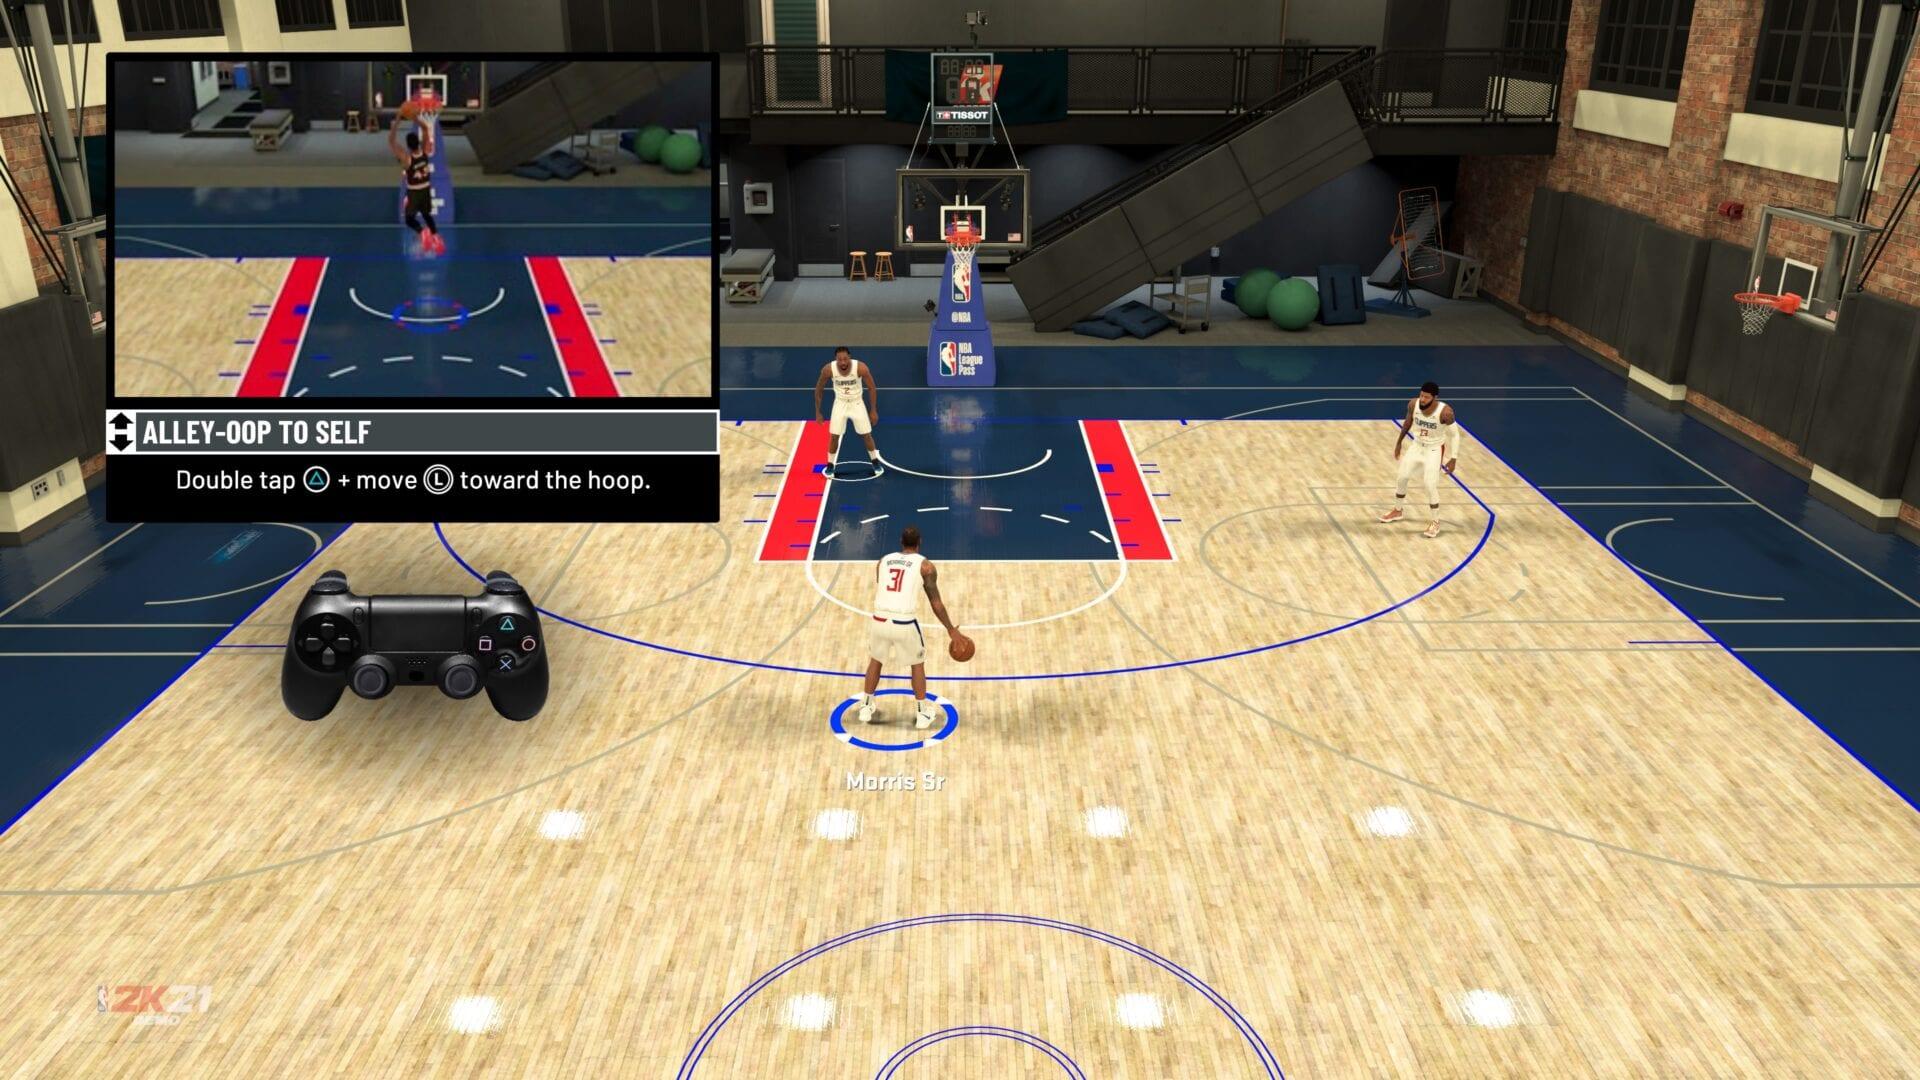 NBA 2K21 callejón oop